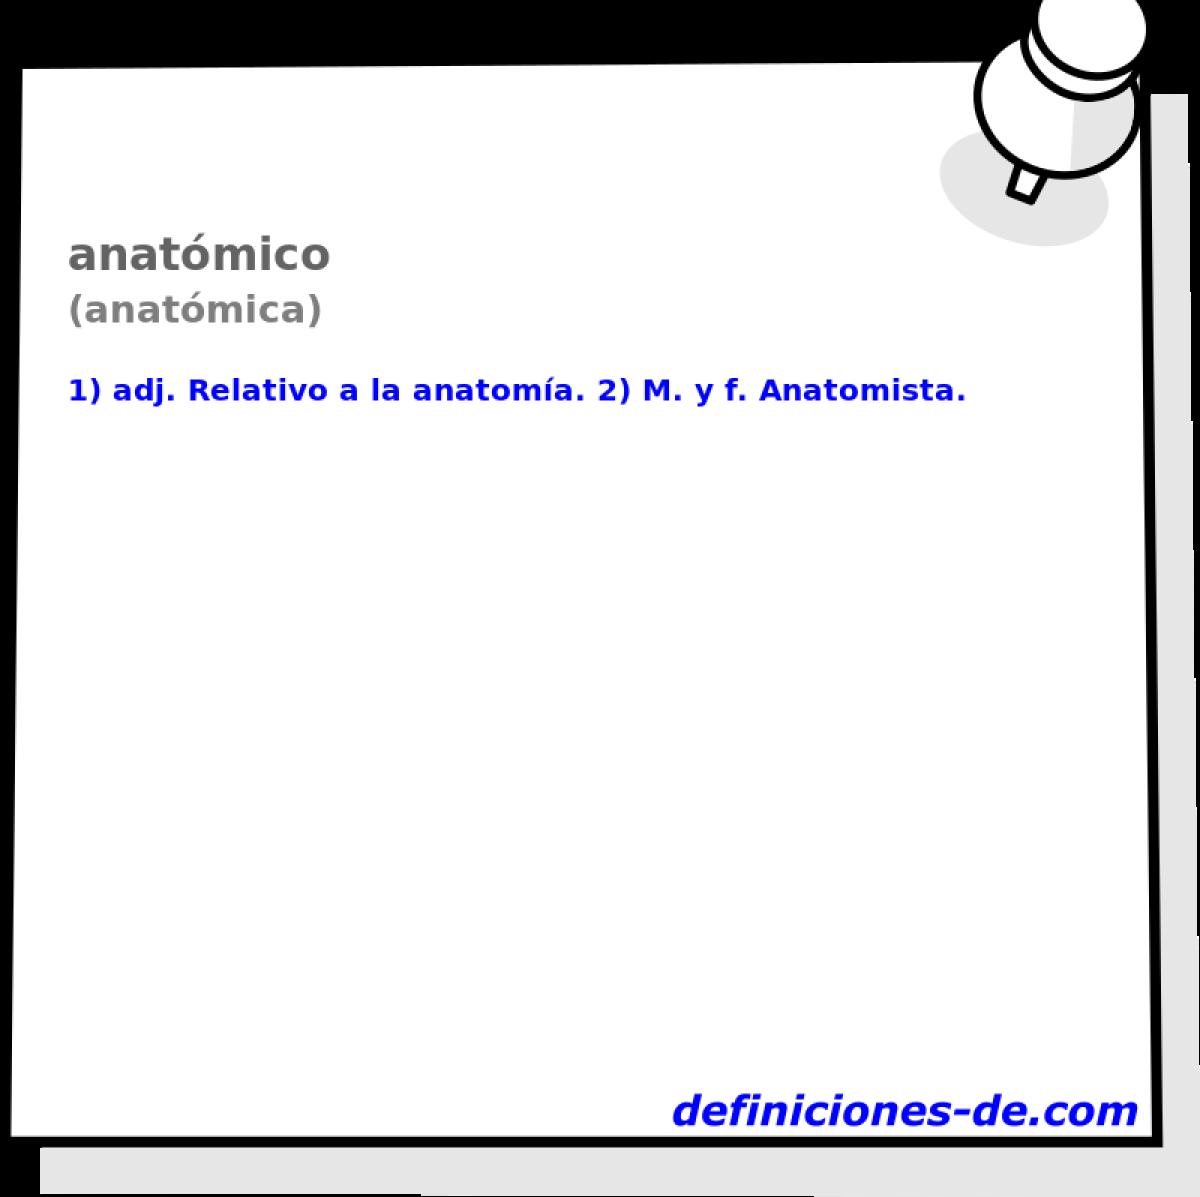 Qué significa Anatómico (anatómica)?